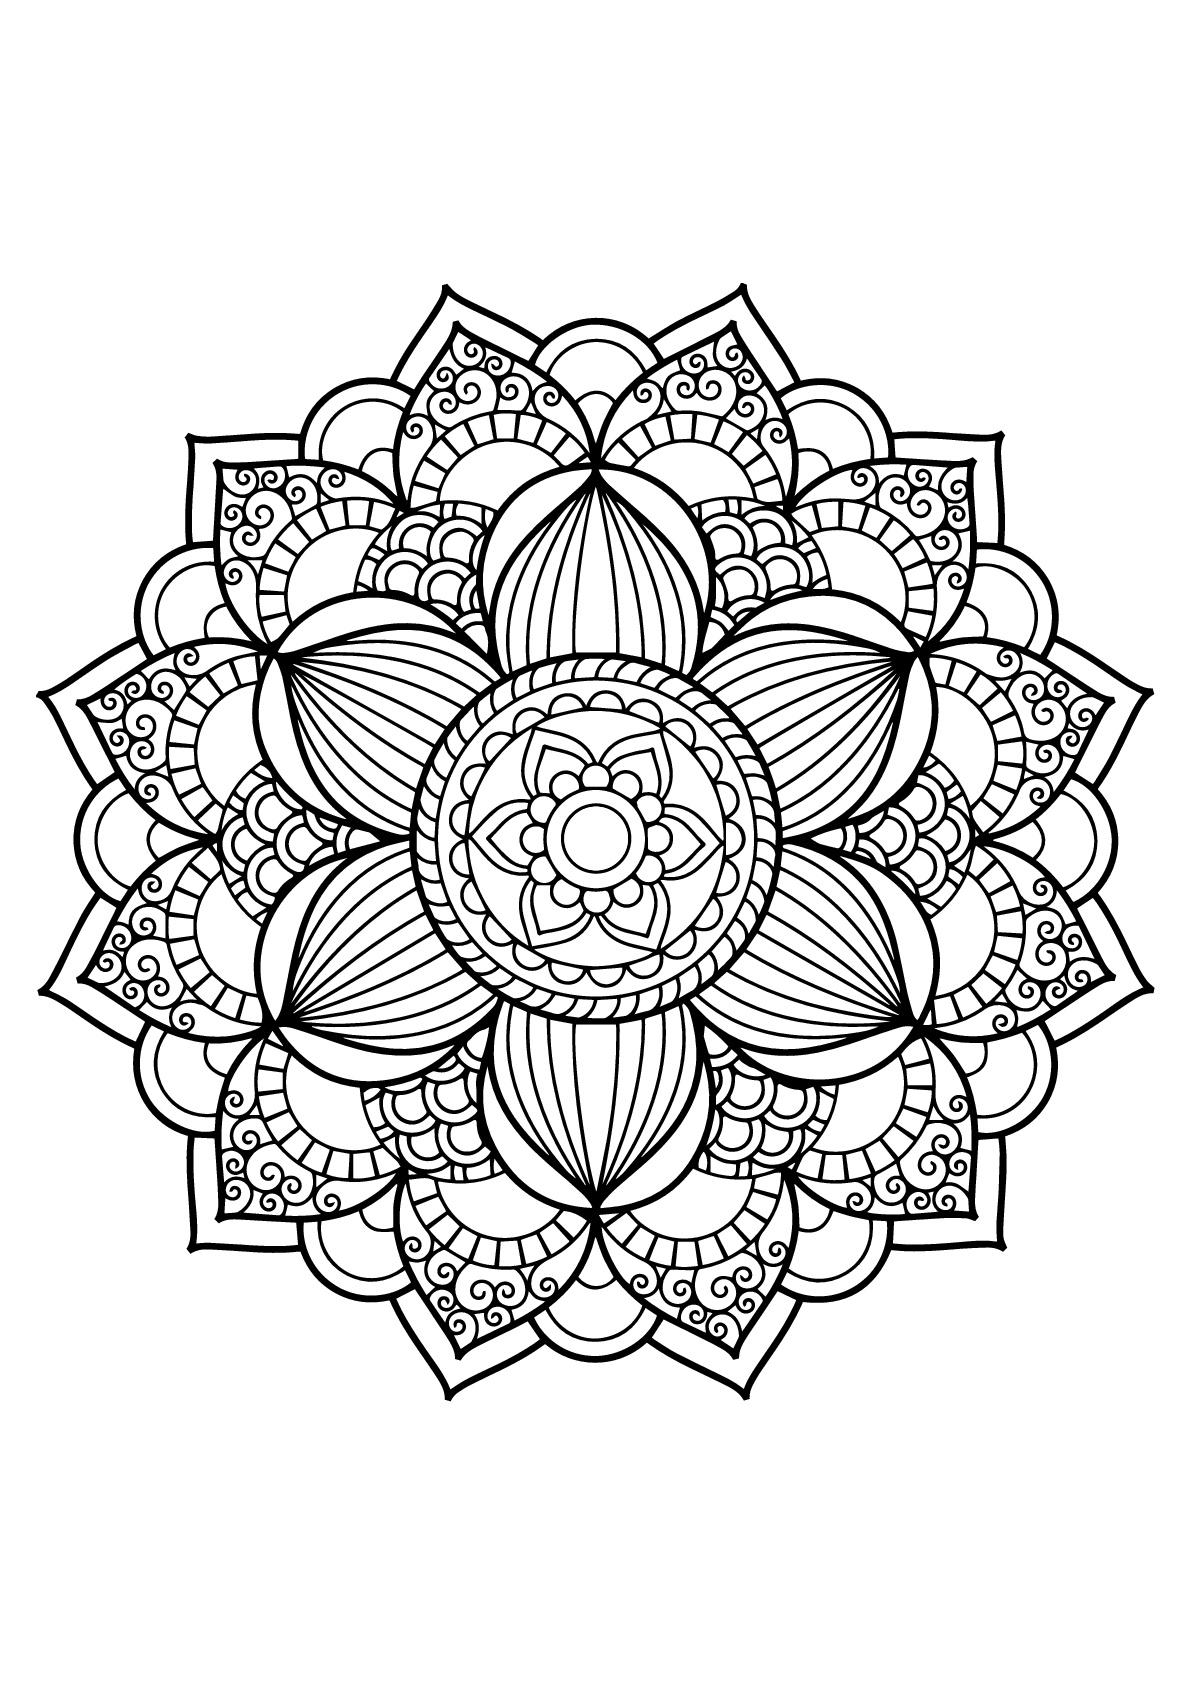 Coloriage Adulte Gratuit.Mandala Livre Gratuit 17 Mandalas Coloriages Difficiles